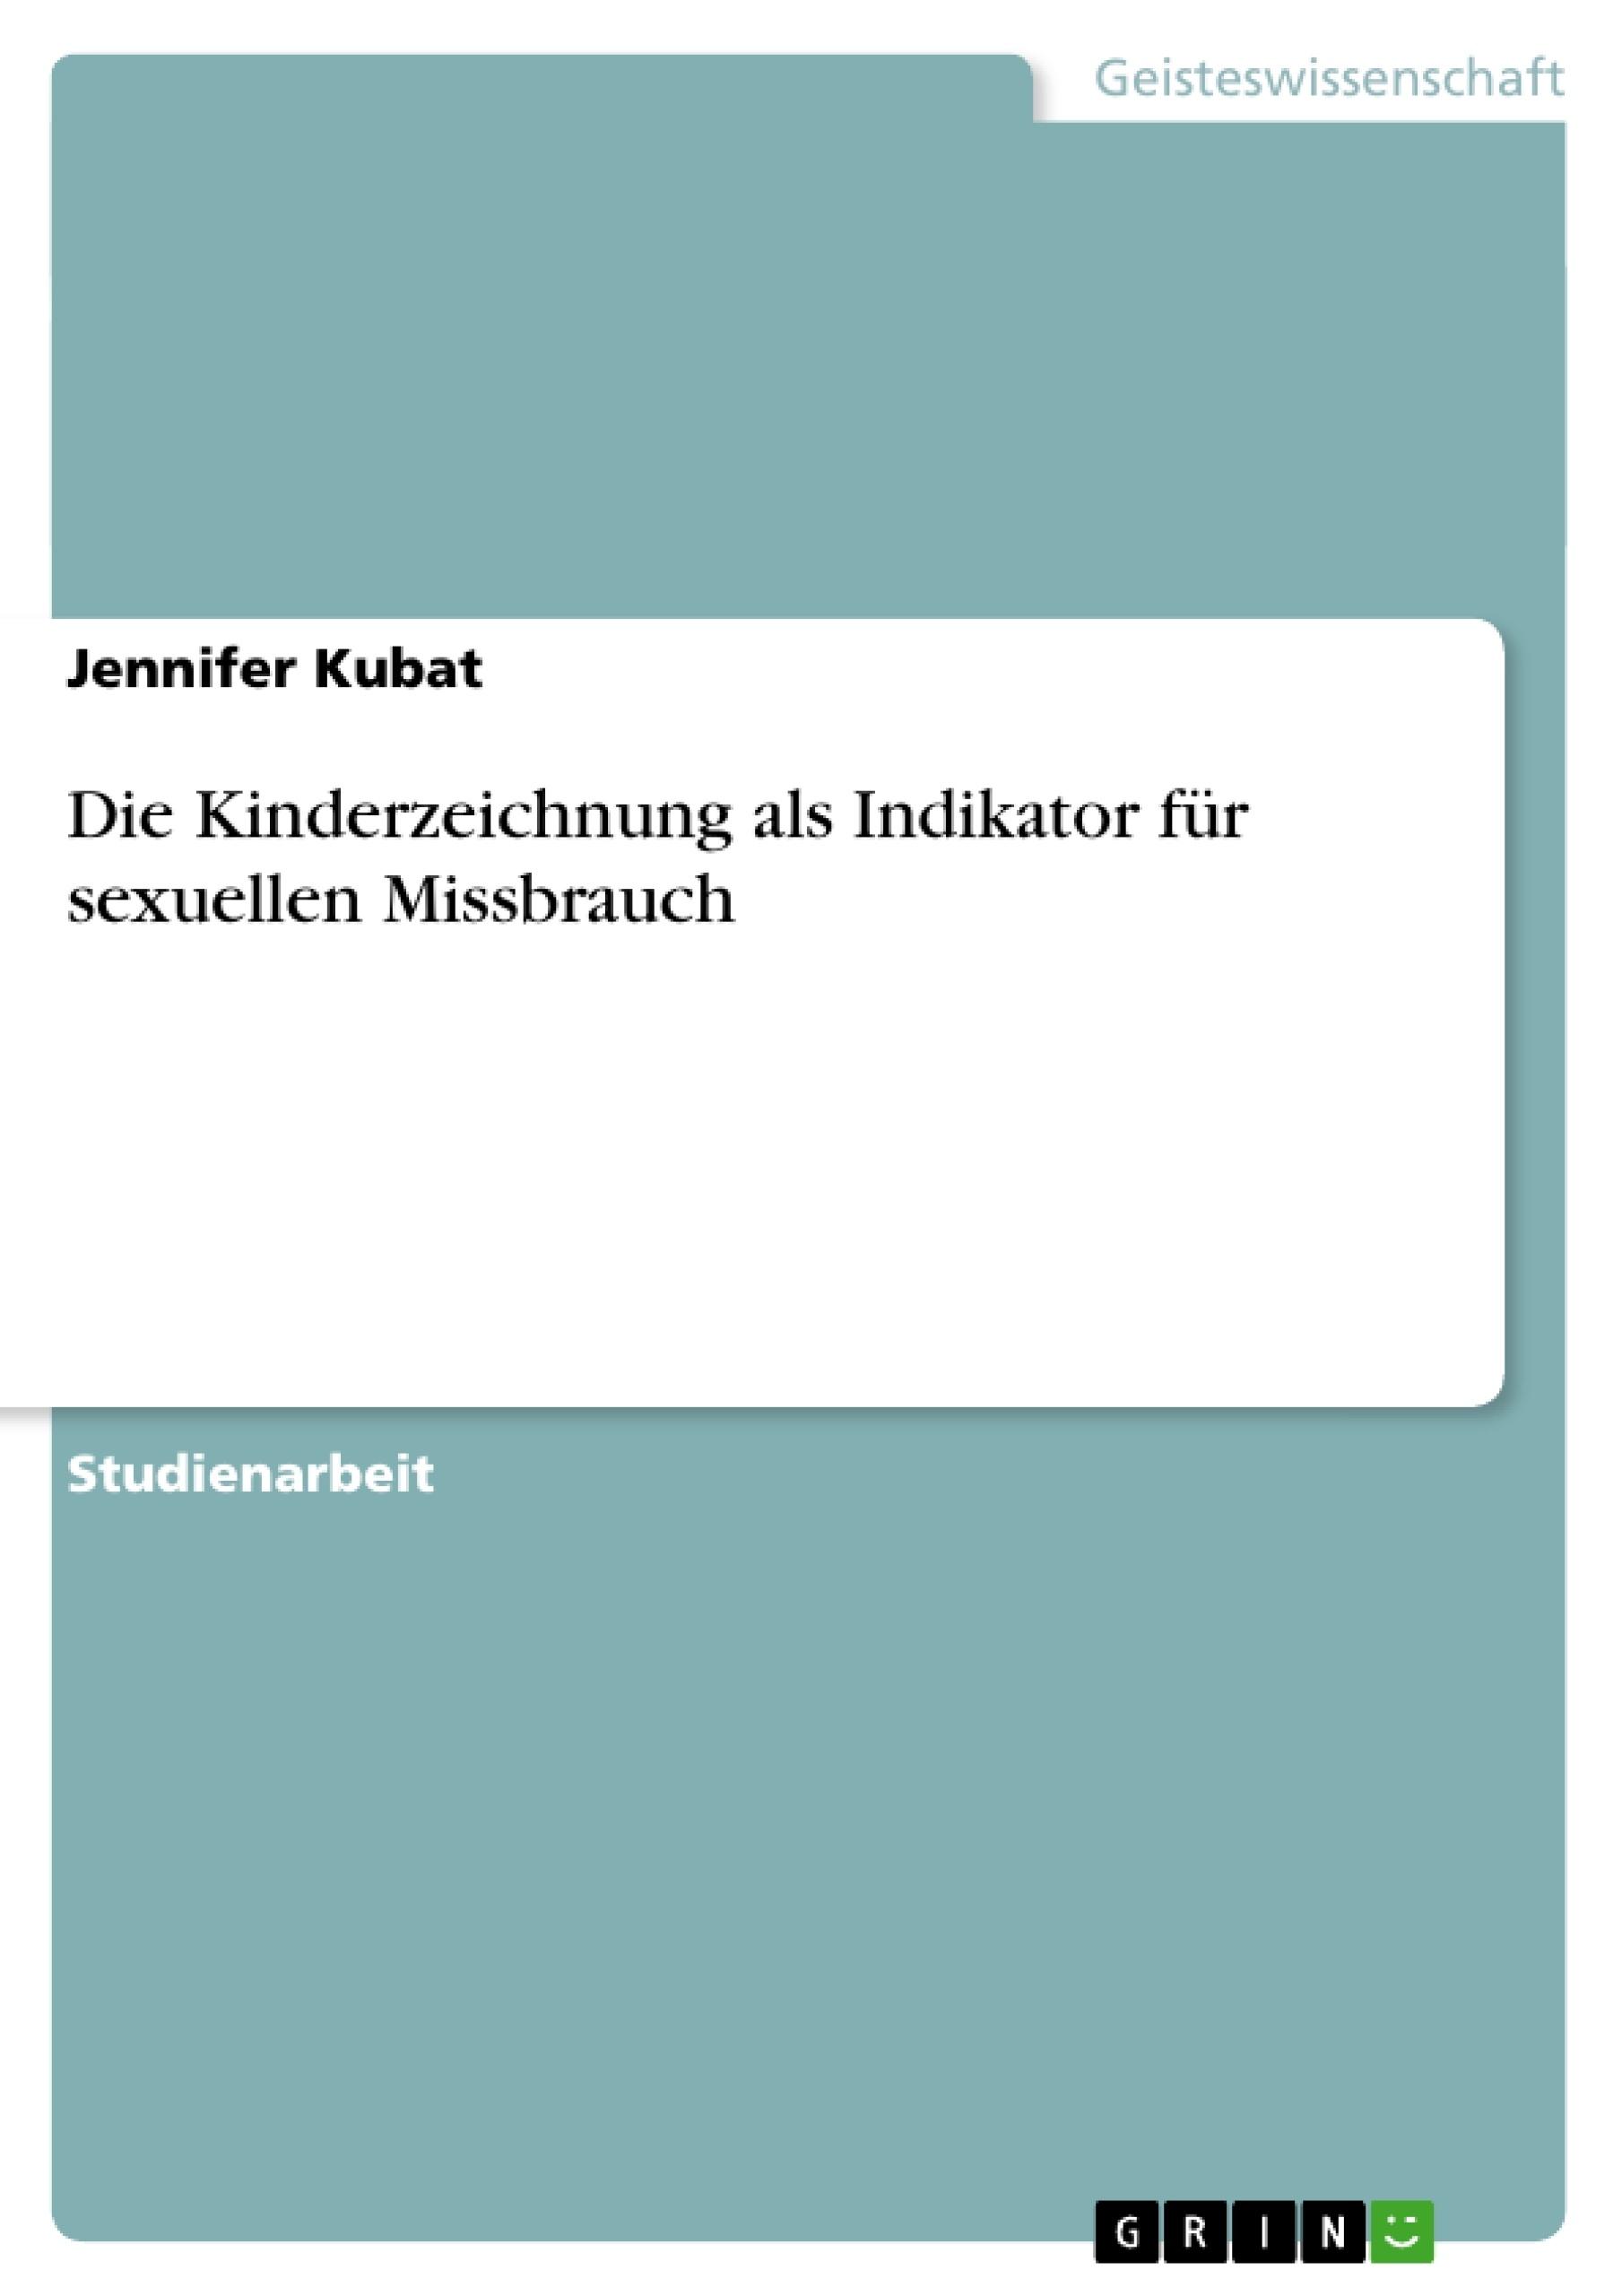 Titel: Die Kinderzeichnung als Indikator für sexuellen Missbrauch